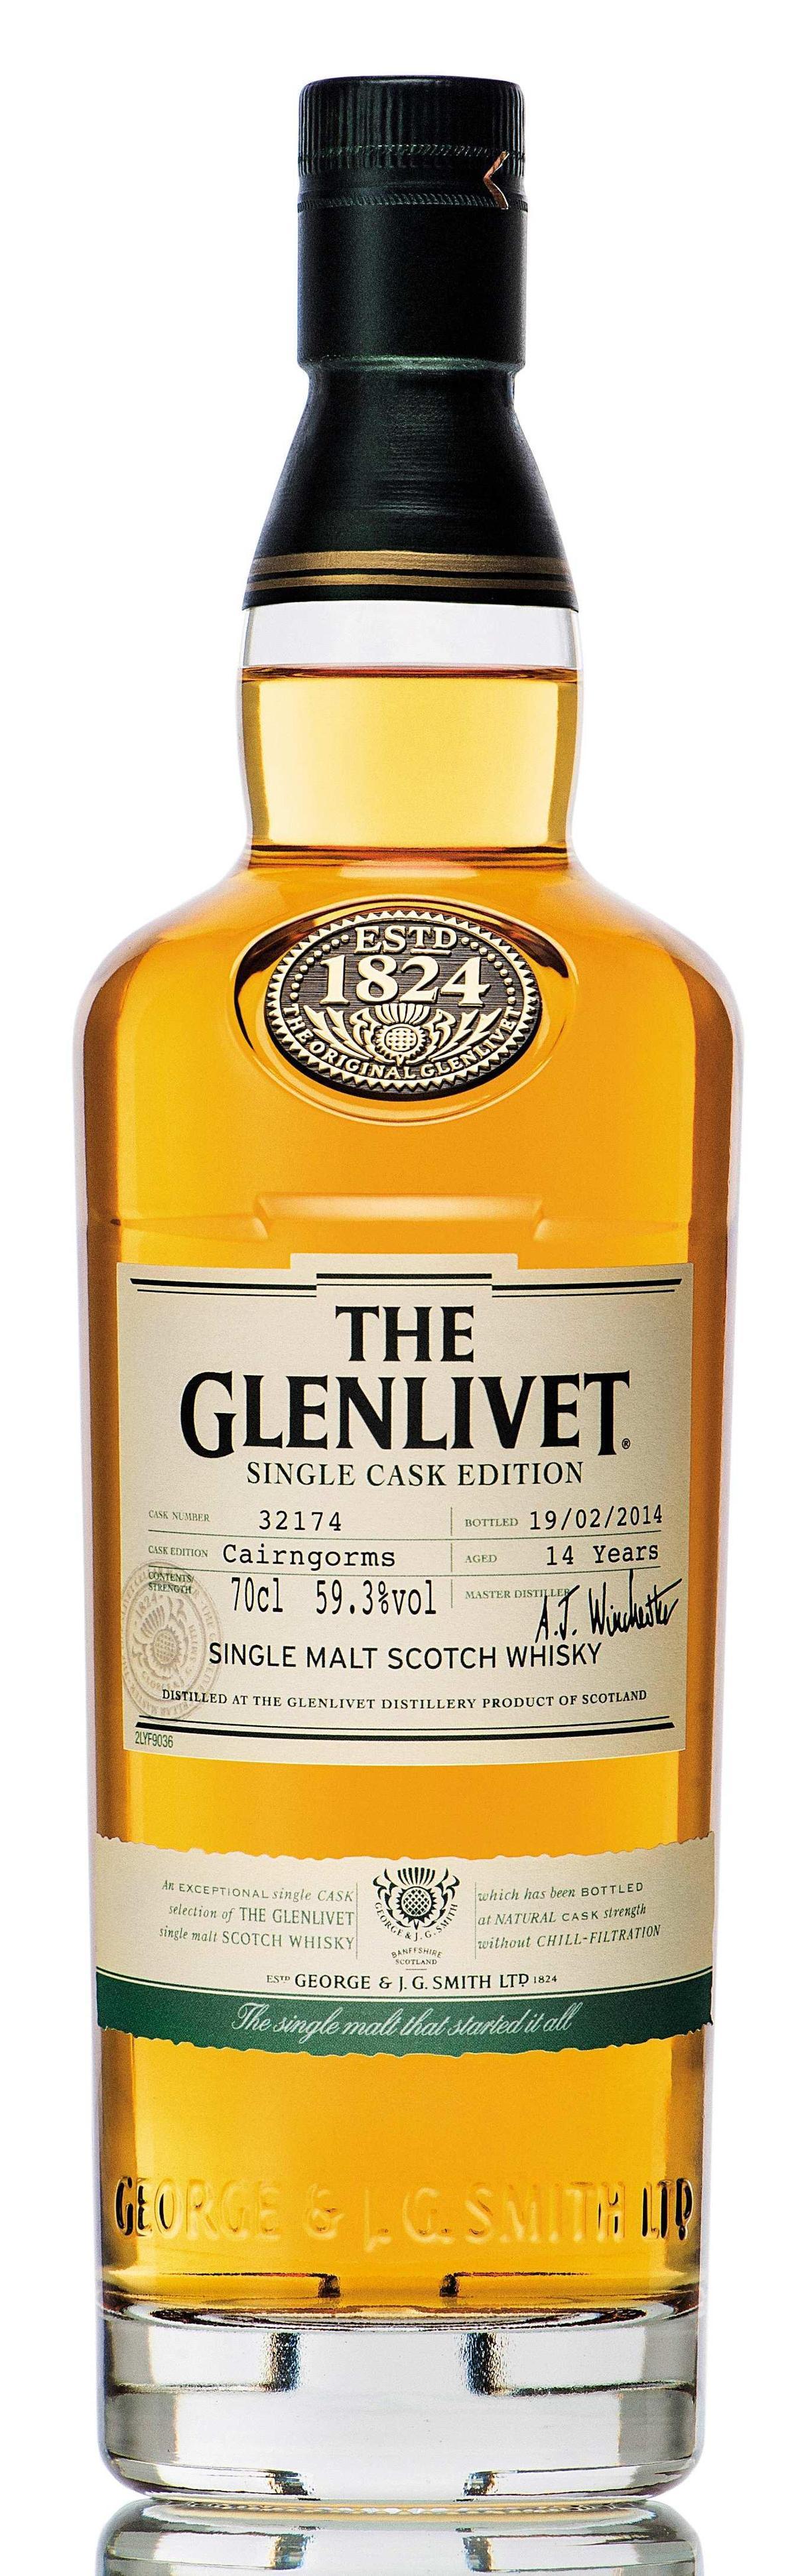 2012年首度推出台灣市場限定的1990 Inveravon單桶,是威士忌愛好者的秒殺收藏。